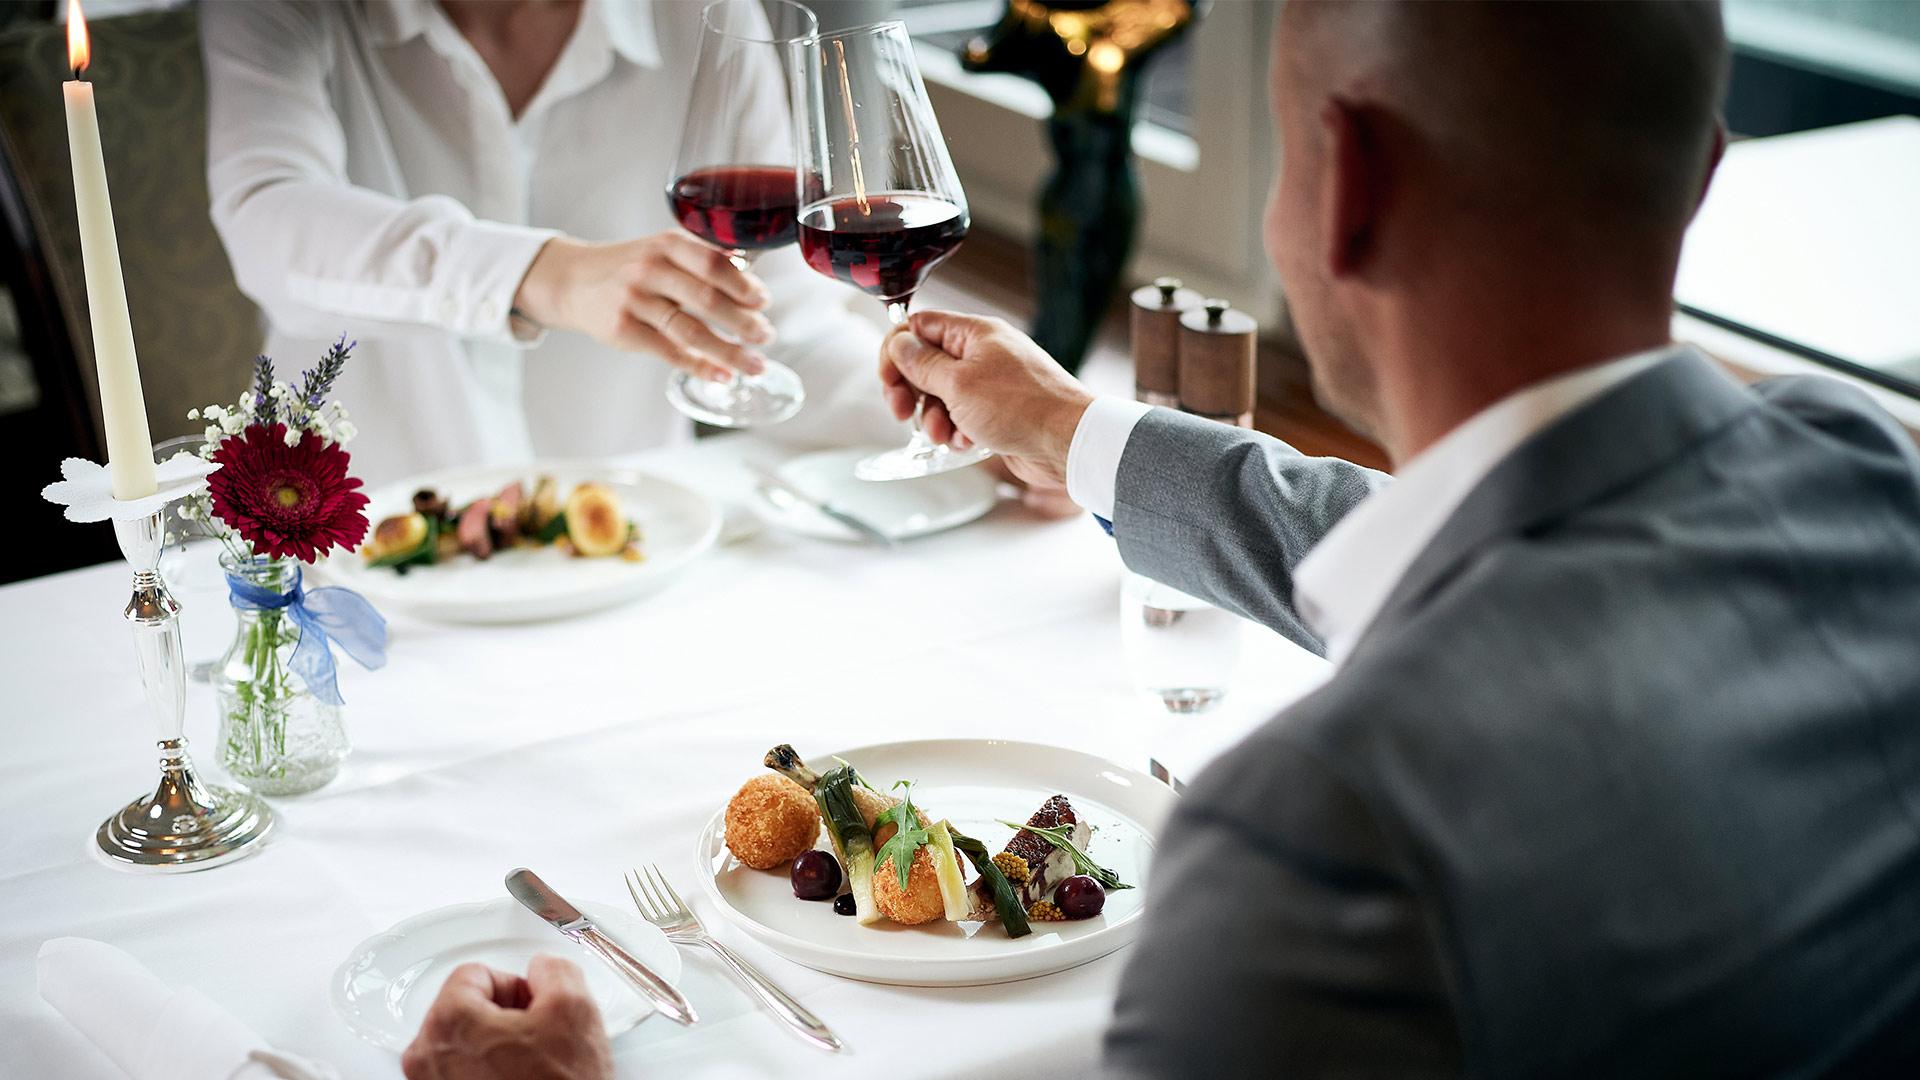 restaurant-belvedere-spiez-gaeste-wein-anstossen-essen-kerze-blumen.jpg